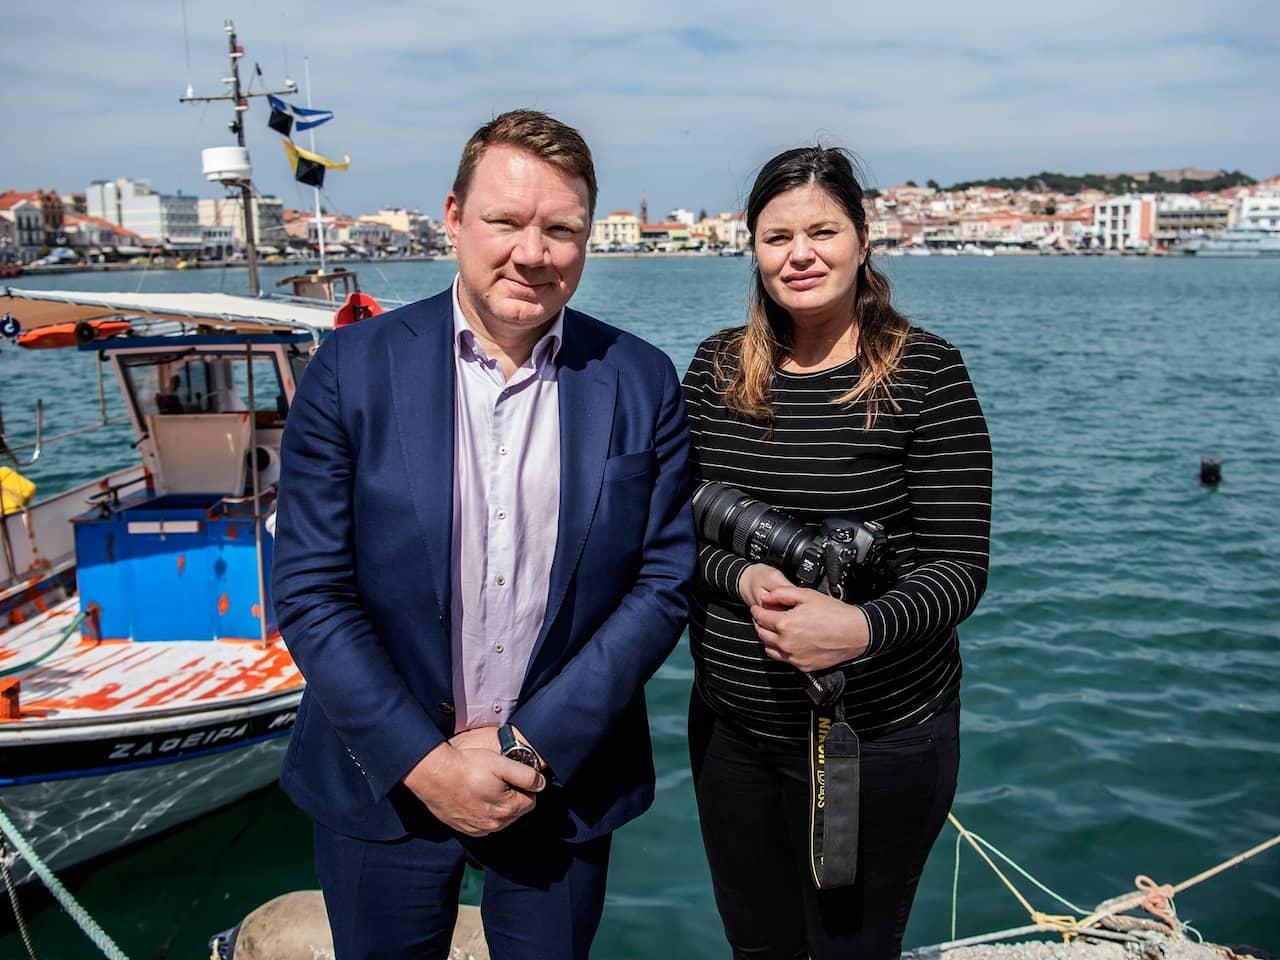 Niklas Svensson & Anna-Karin Nilsson